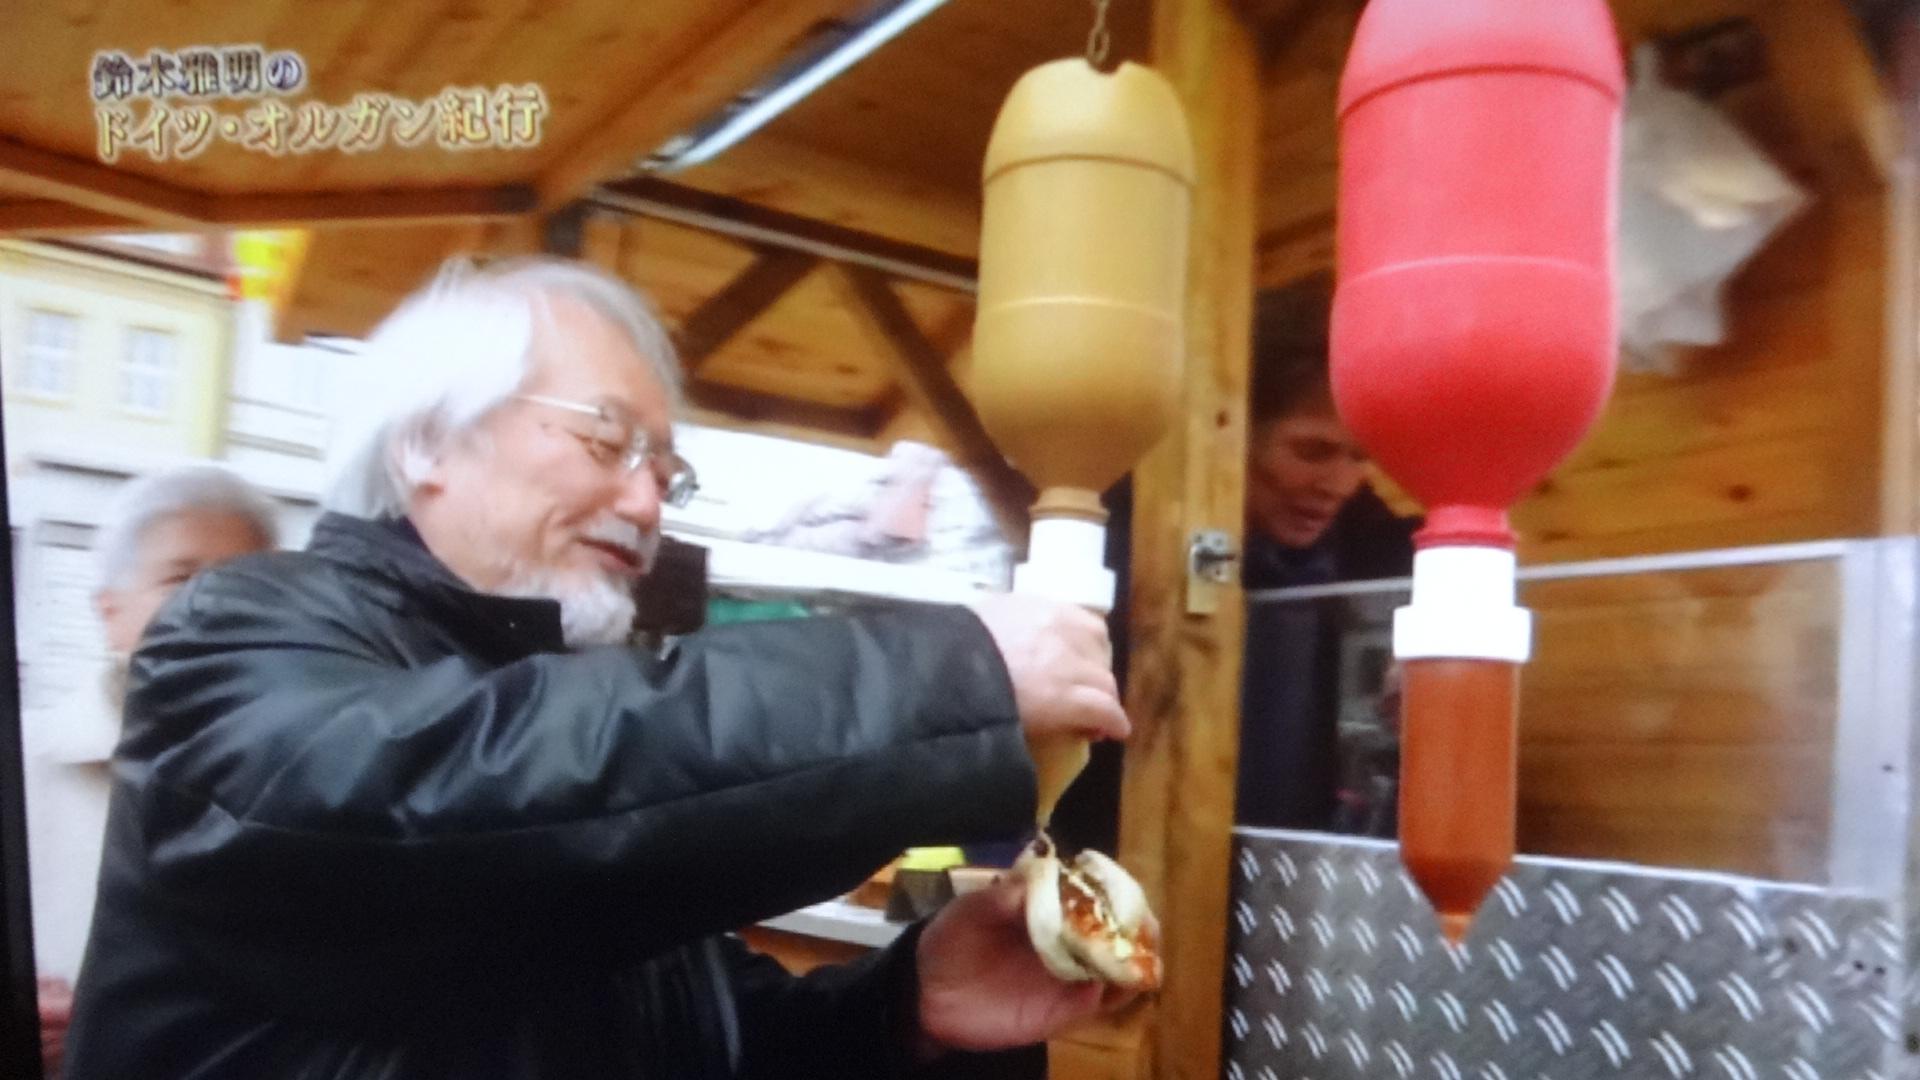 屋台でソーセージを食べる鈴木さん